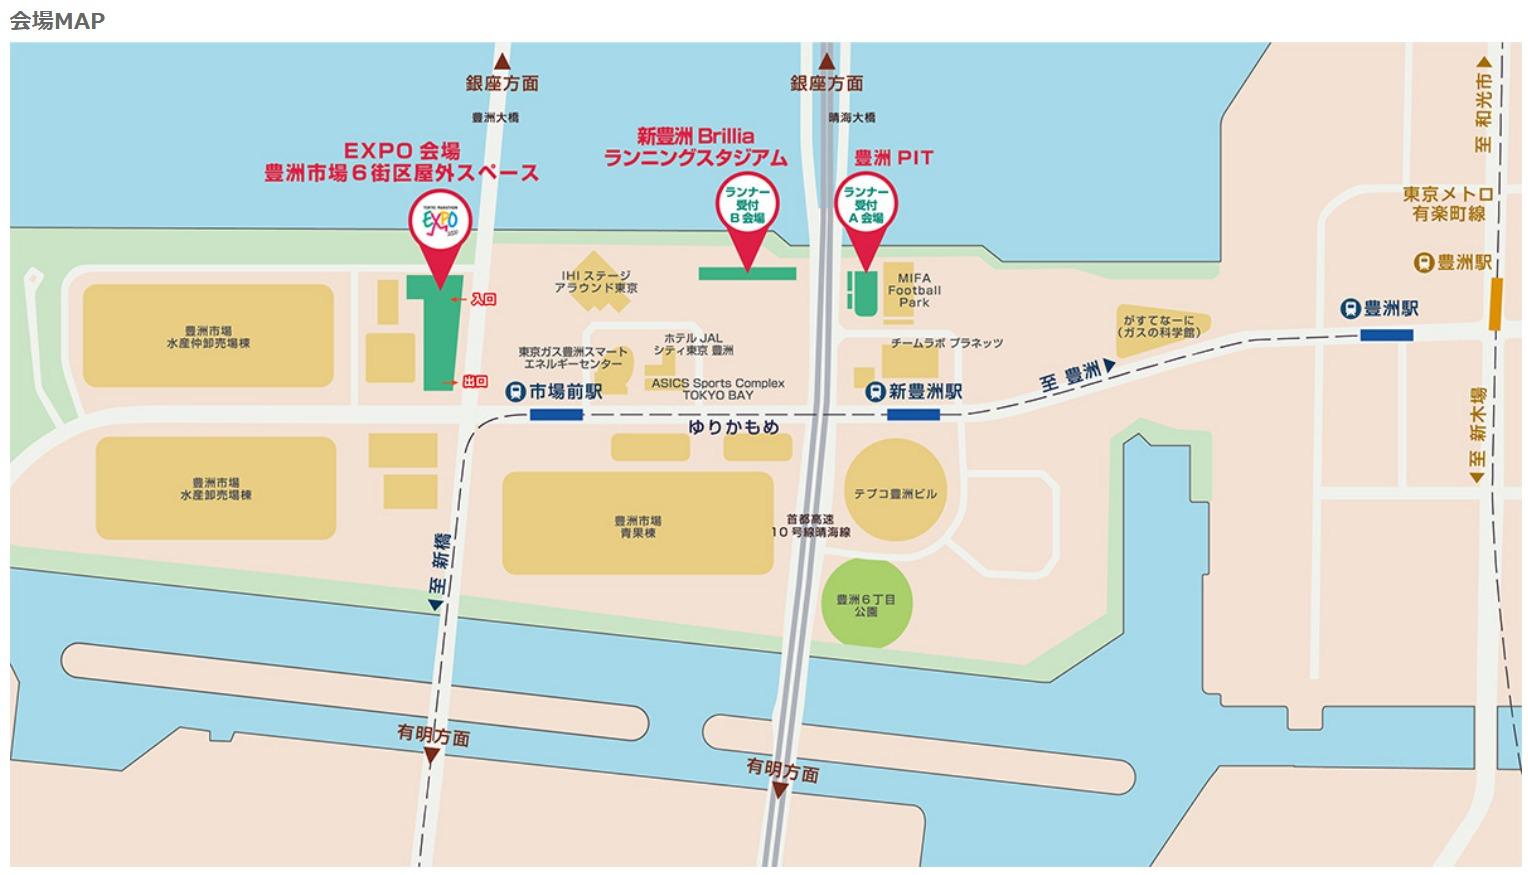 東京マラソン2020のランナー受付場所とEXPO会場の地図